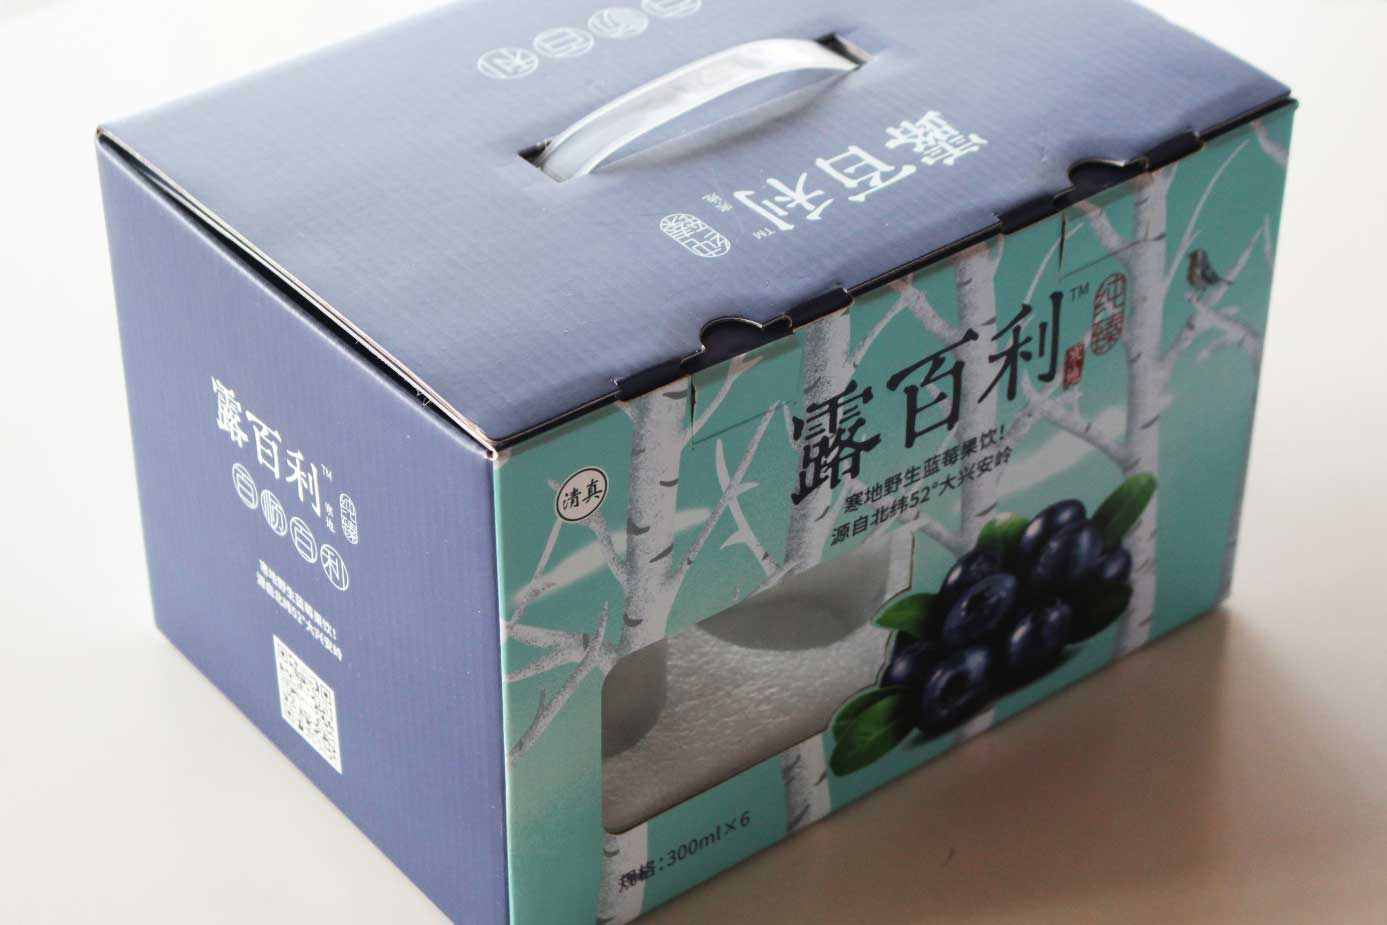 饮料彩箱包装——露百利